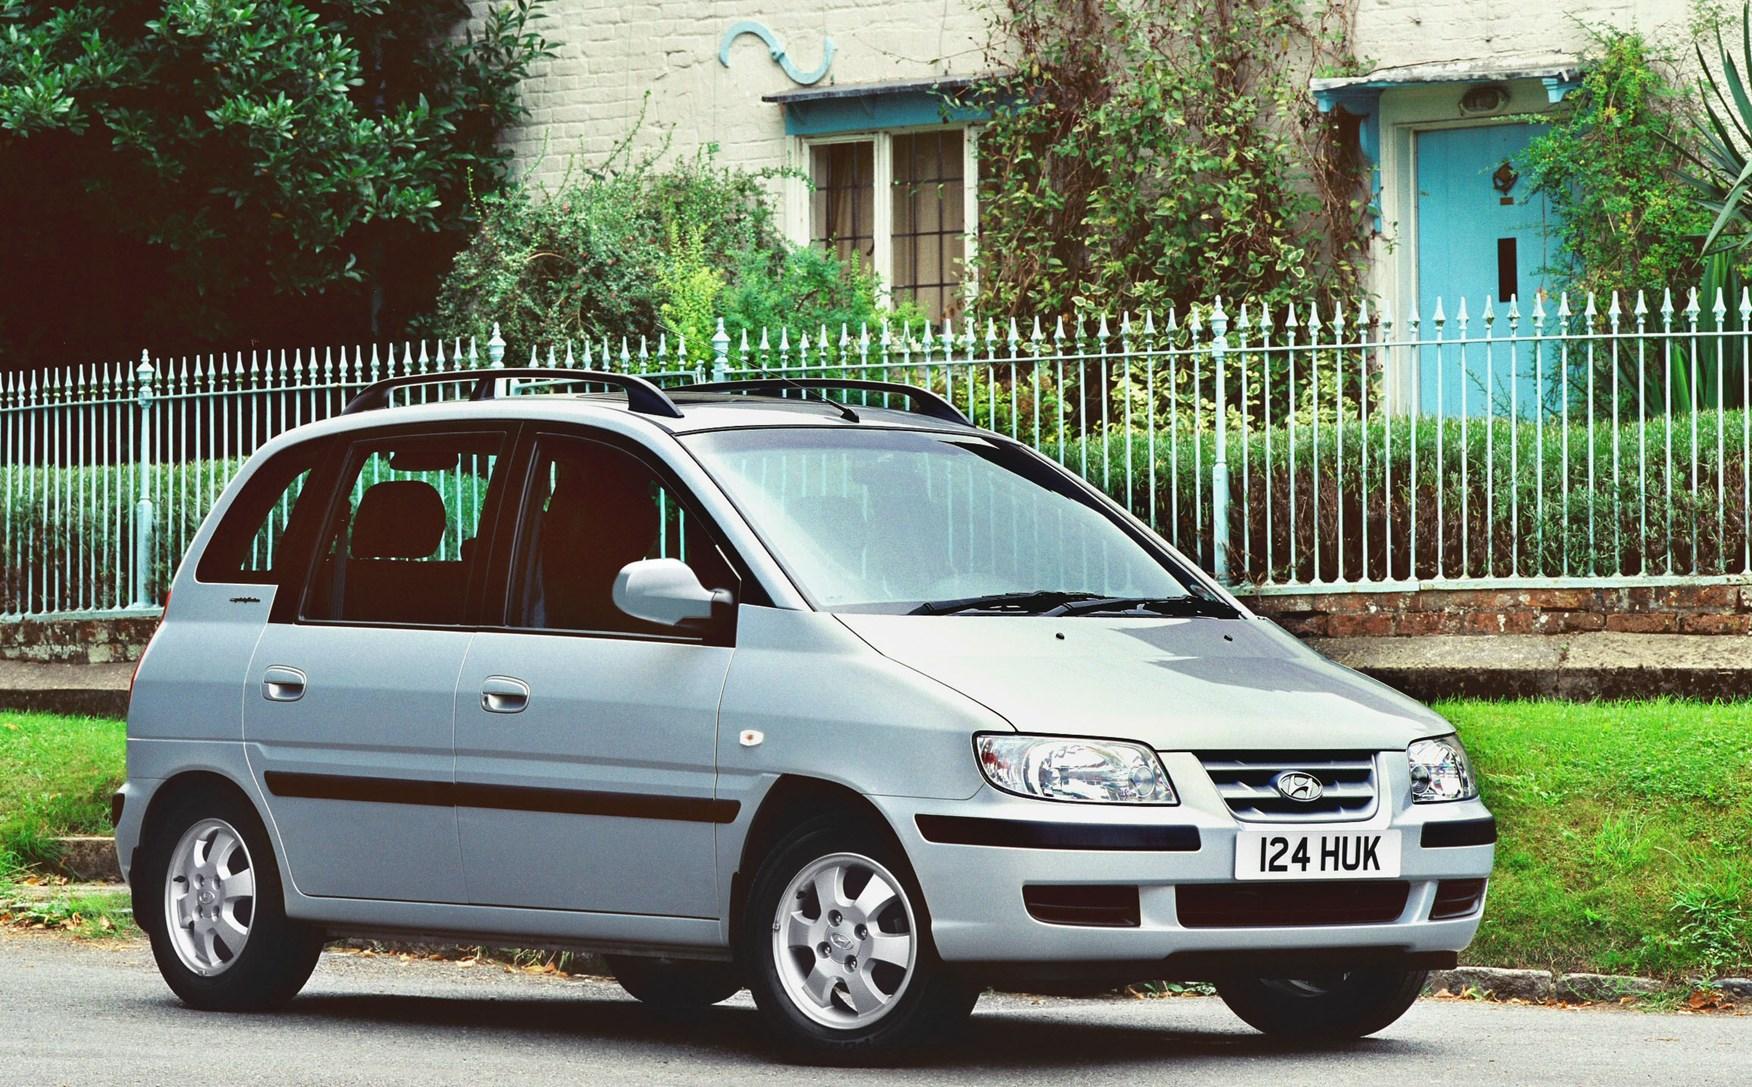 Hyundai hyundai matrix : Hyundai Matrix Estate Review (2001 - 2010)   Parkers